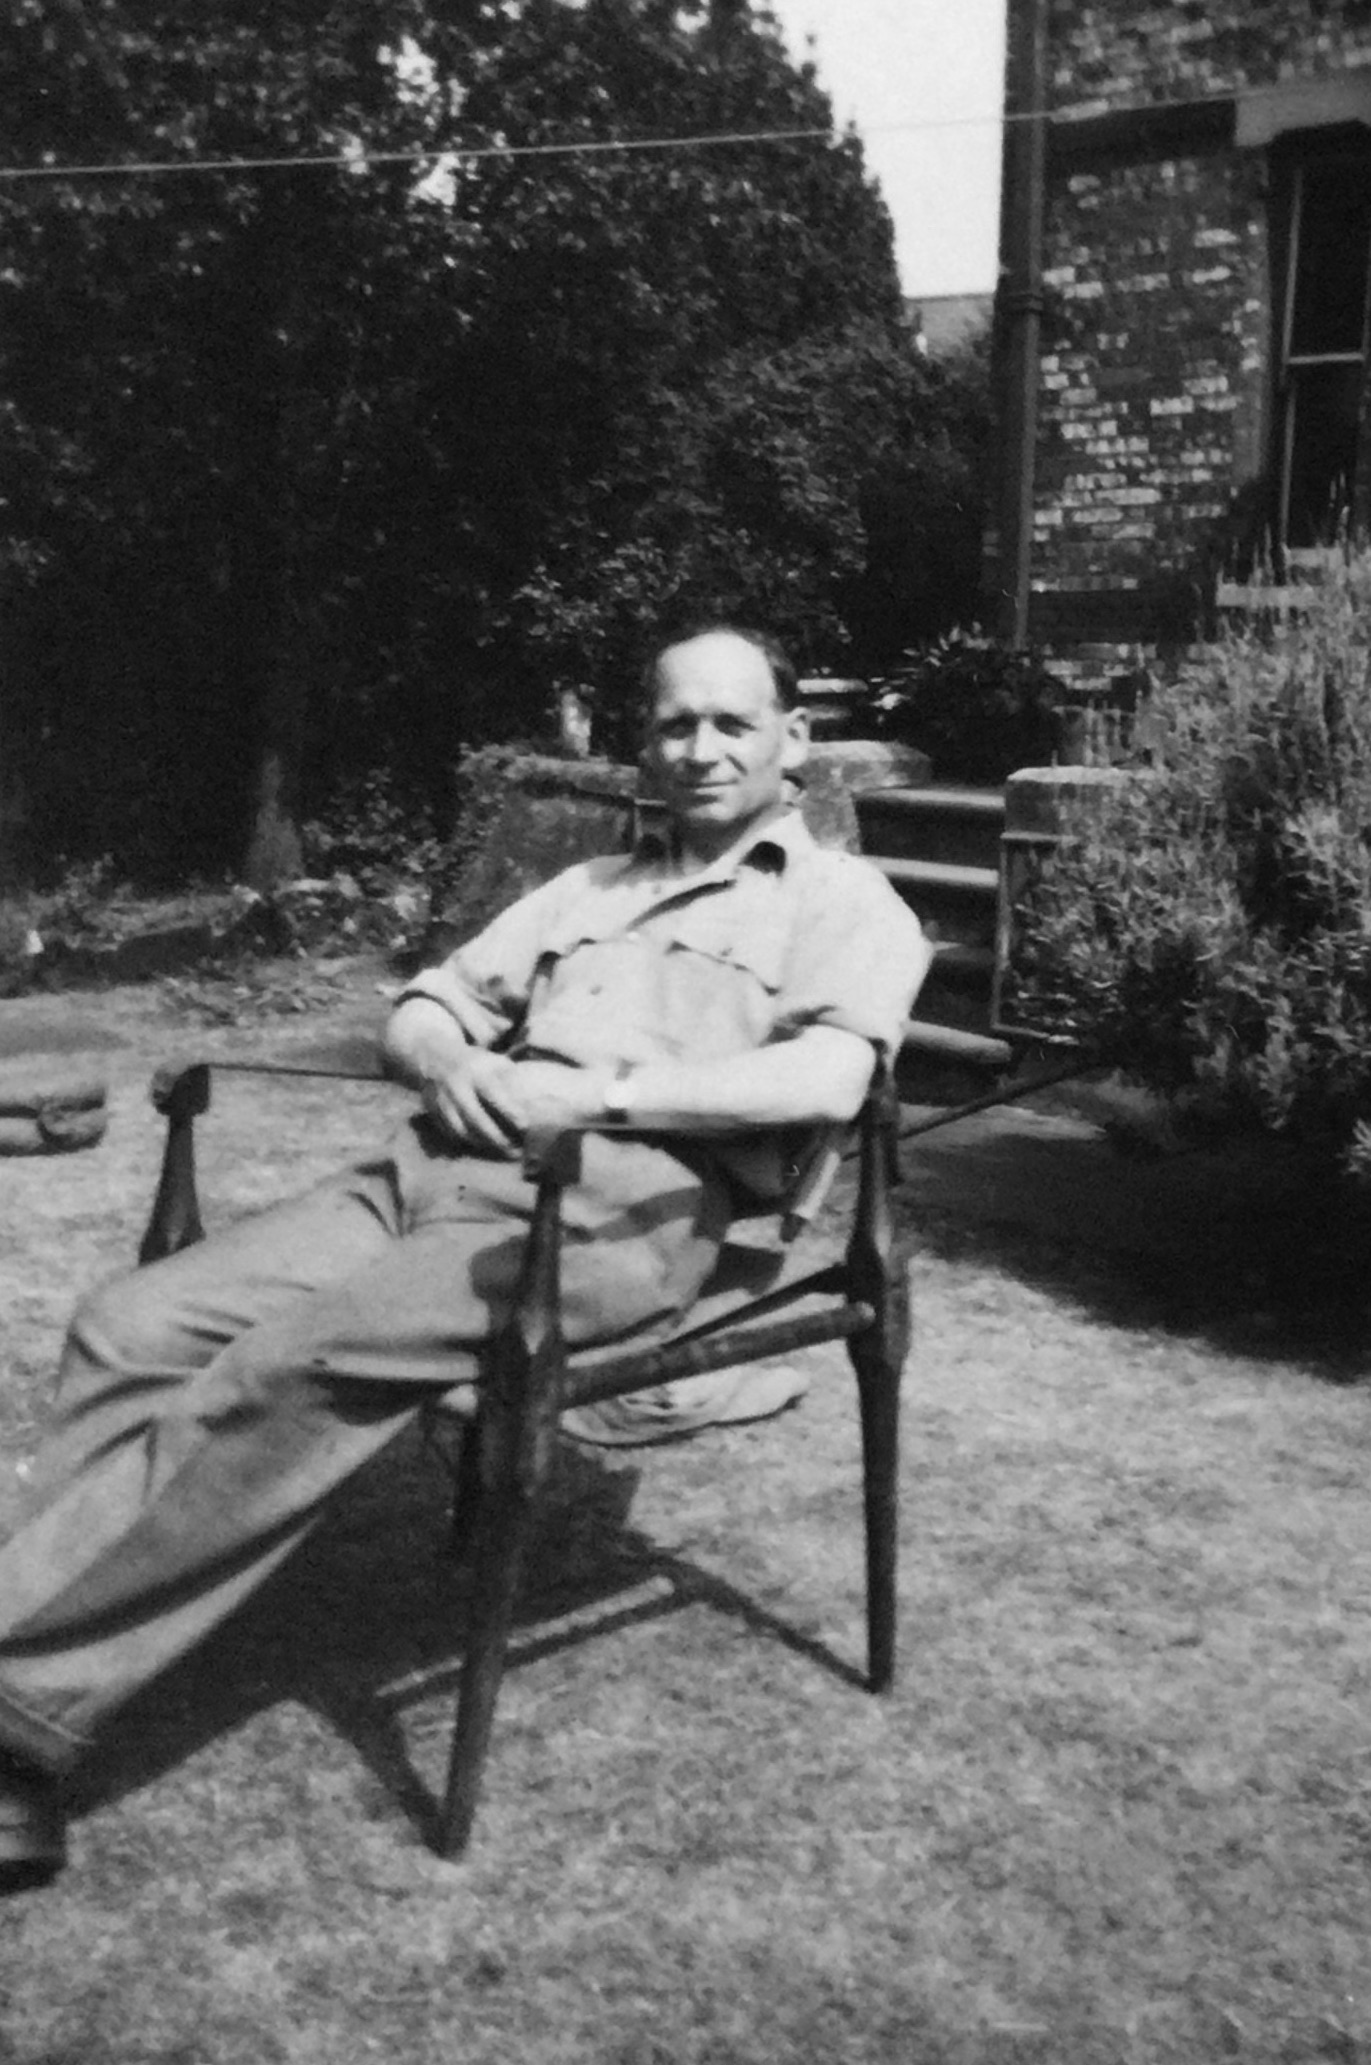 Leslie Amlot in his garden.